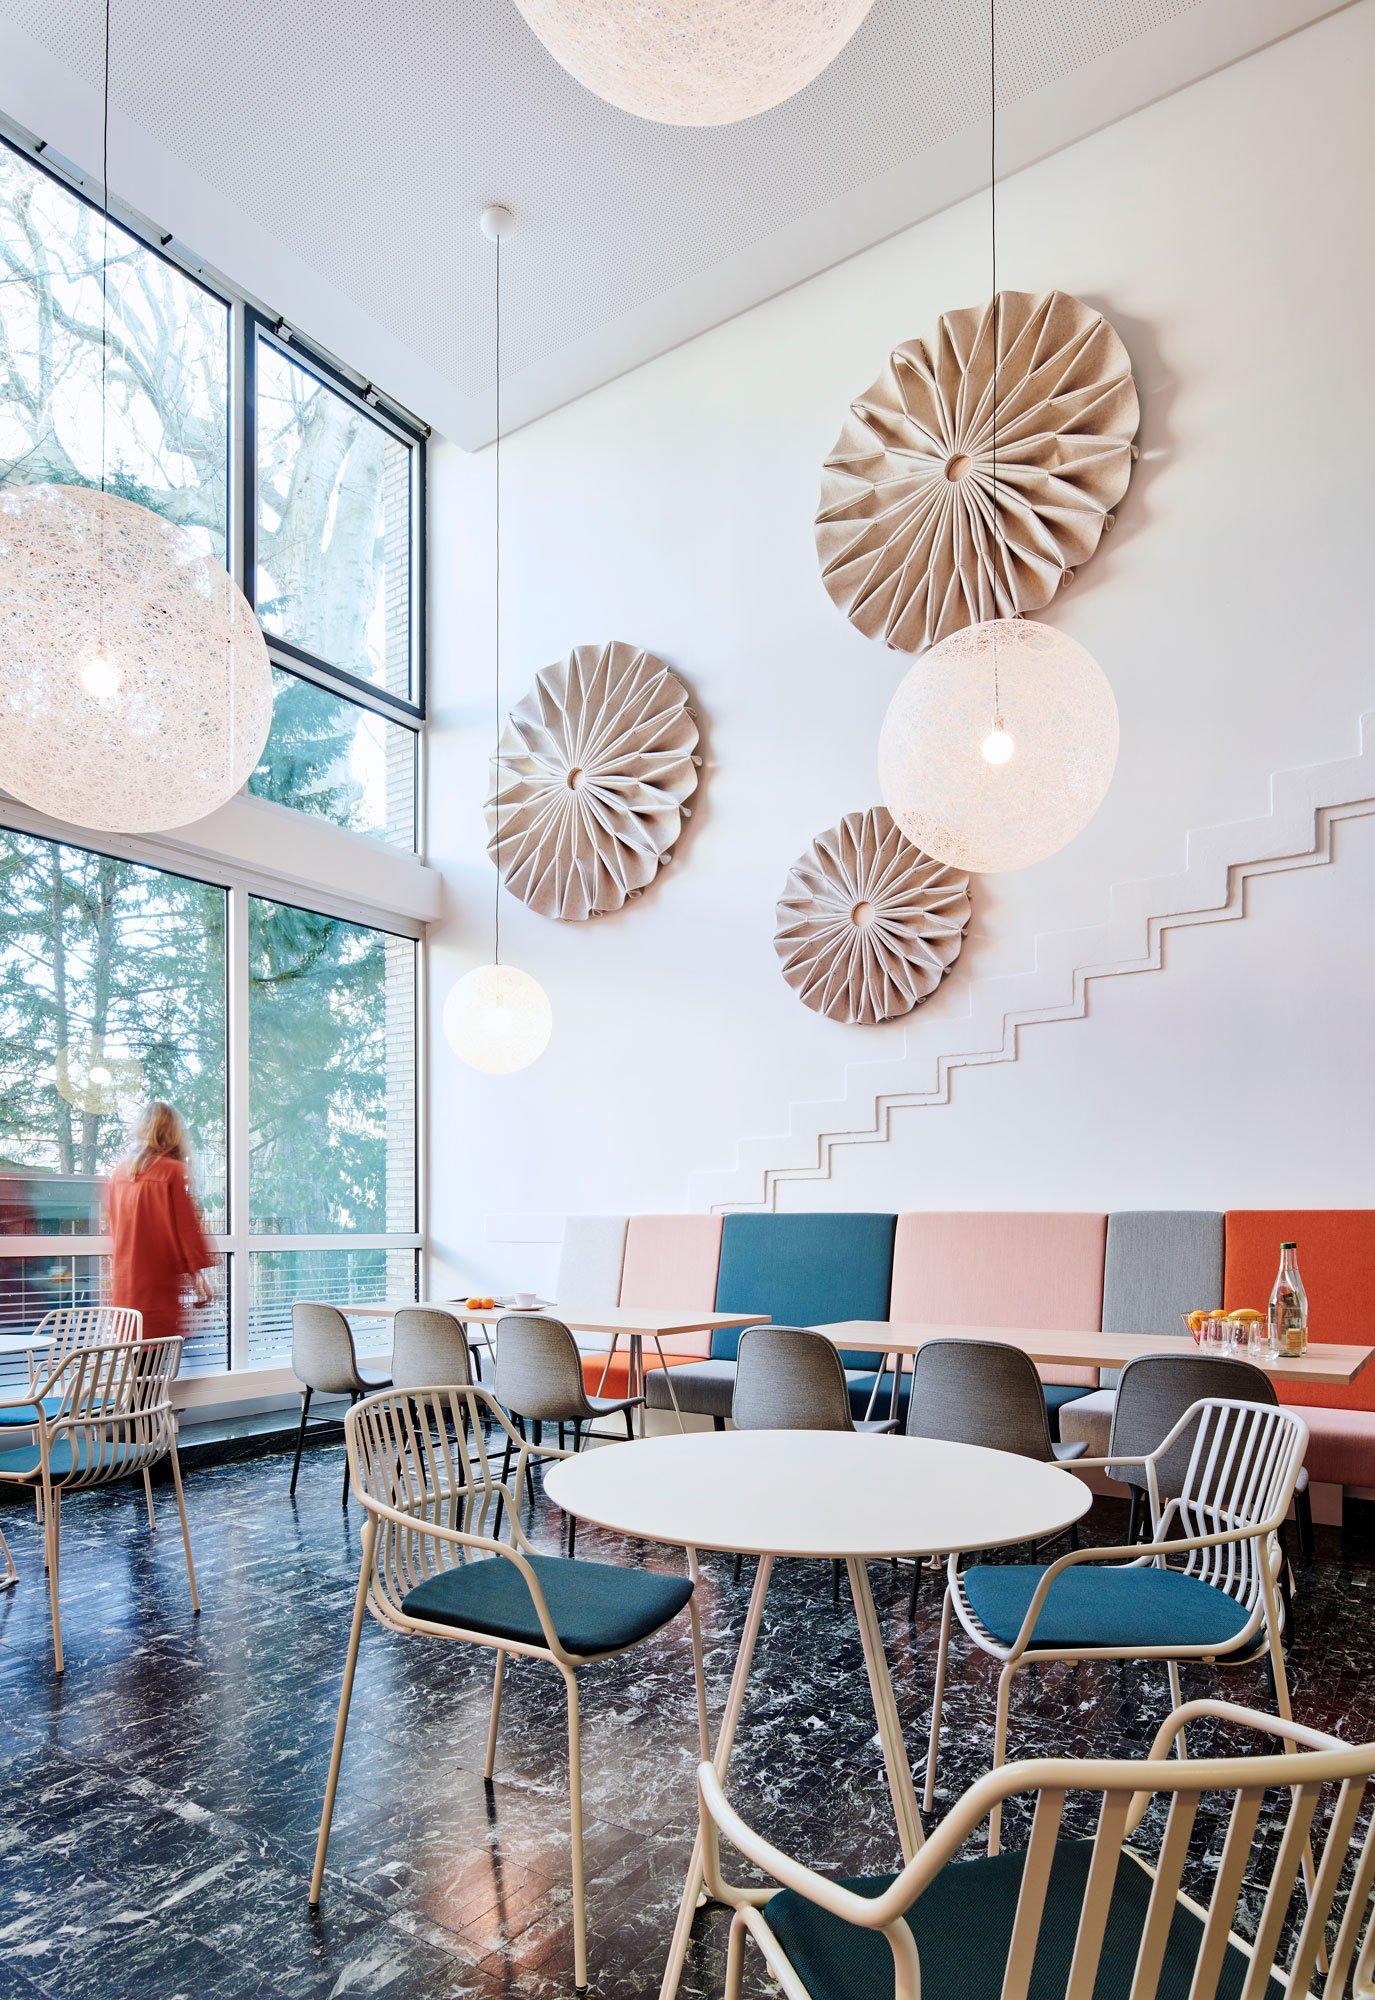 Neugestaltung eines Institutsgebäudes von brandherm + krumrey